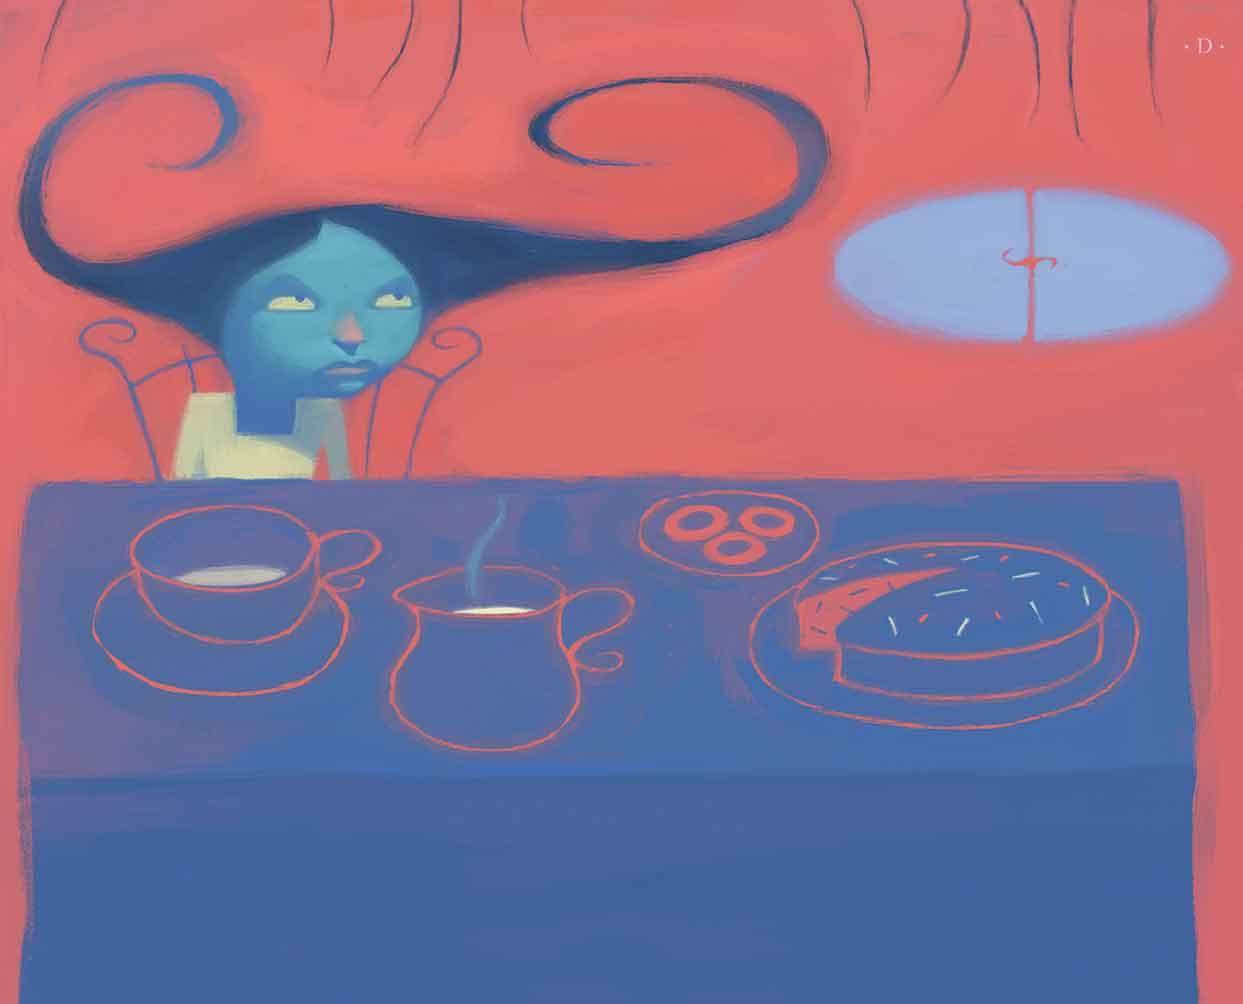 Ruiz Mignone, Casa pelosa, libro illustrato per bambini, le rane Interlinea